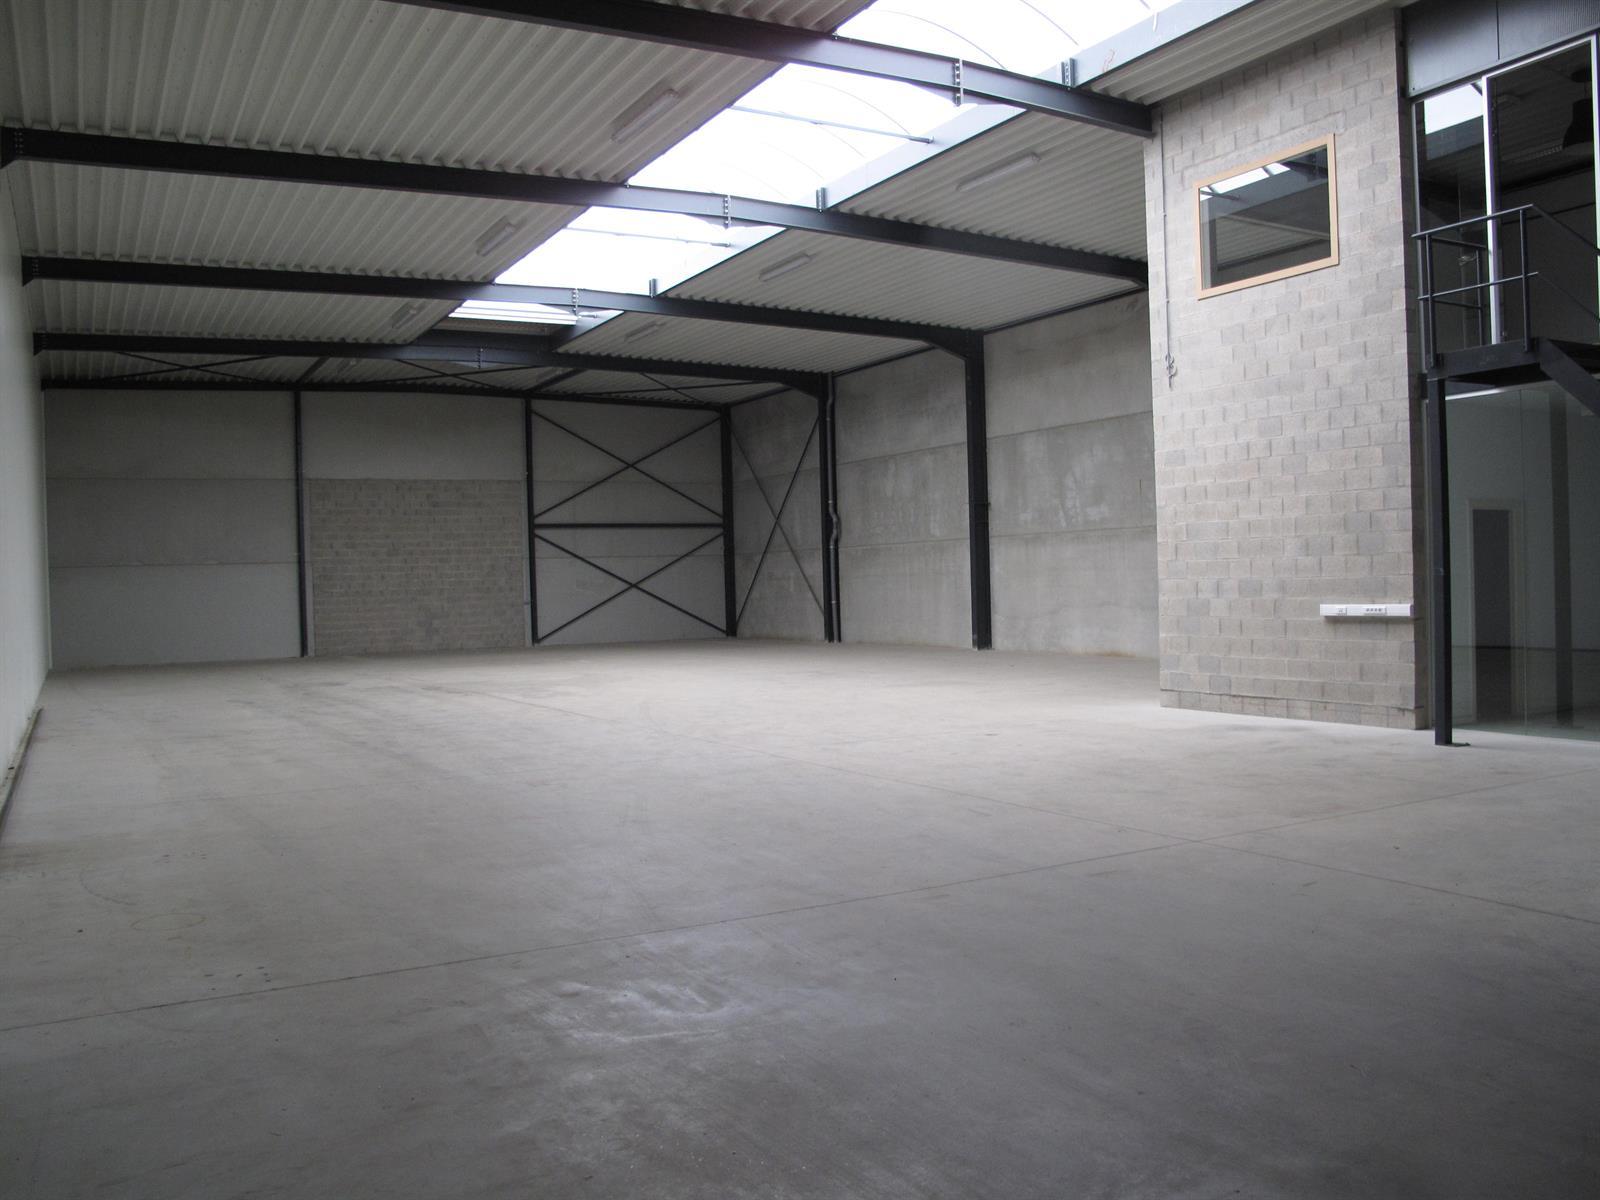 kantoren & magazijn te huur I136 Oostmalsesteenweg  106 2A